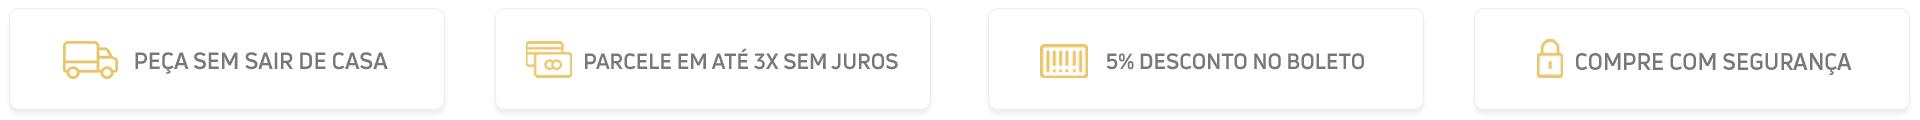 Banner - Tarja